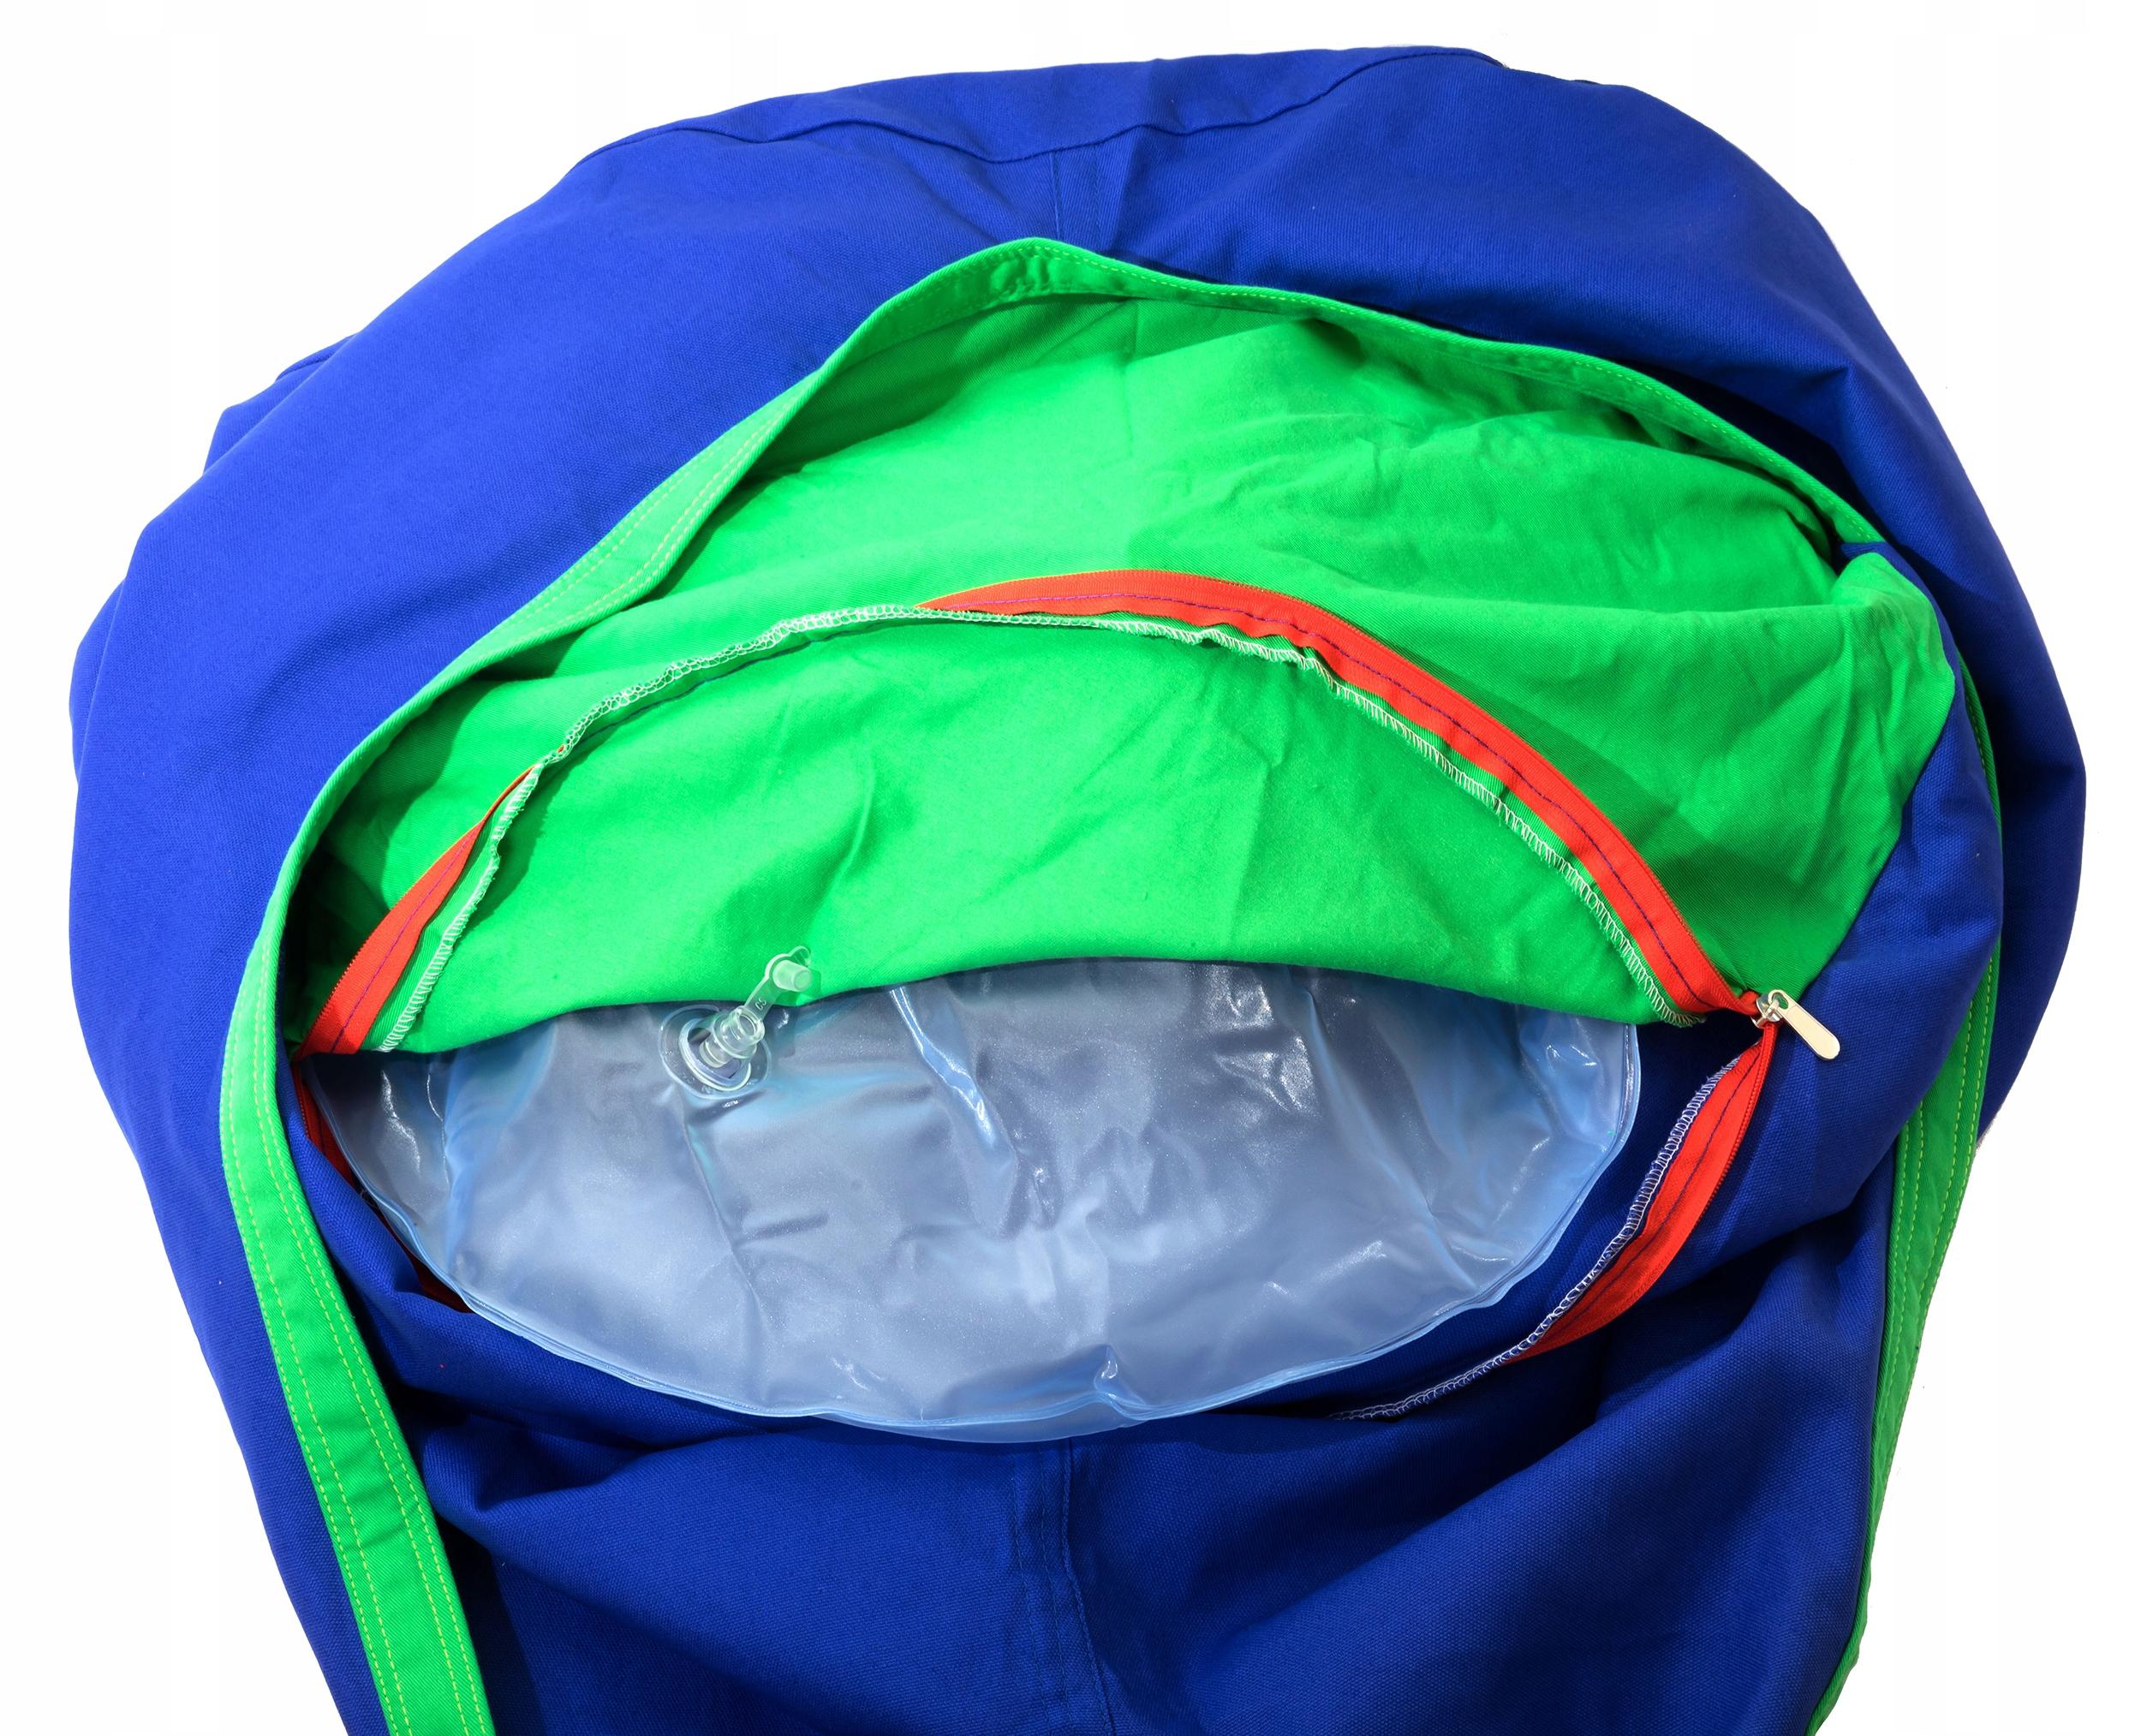 VEĽKÝ KOHÓNOVÝ SWING Hojdací hojdací závesný stolík pre deti Maximálna nosnosť 100 kg